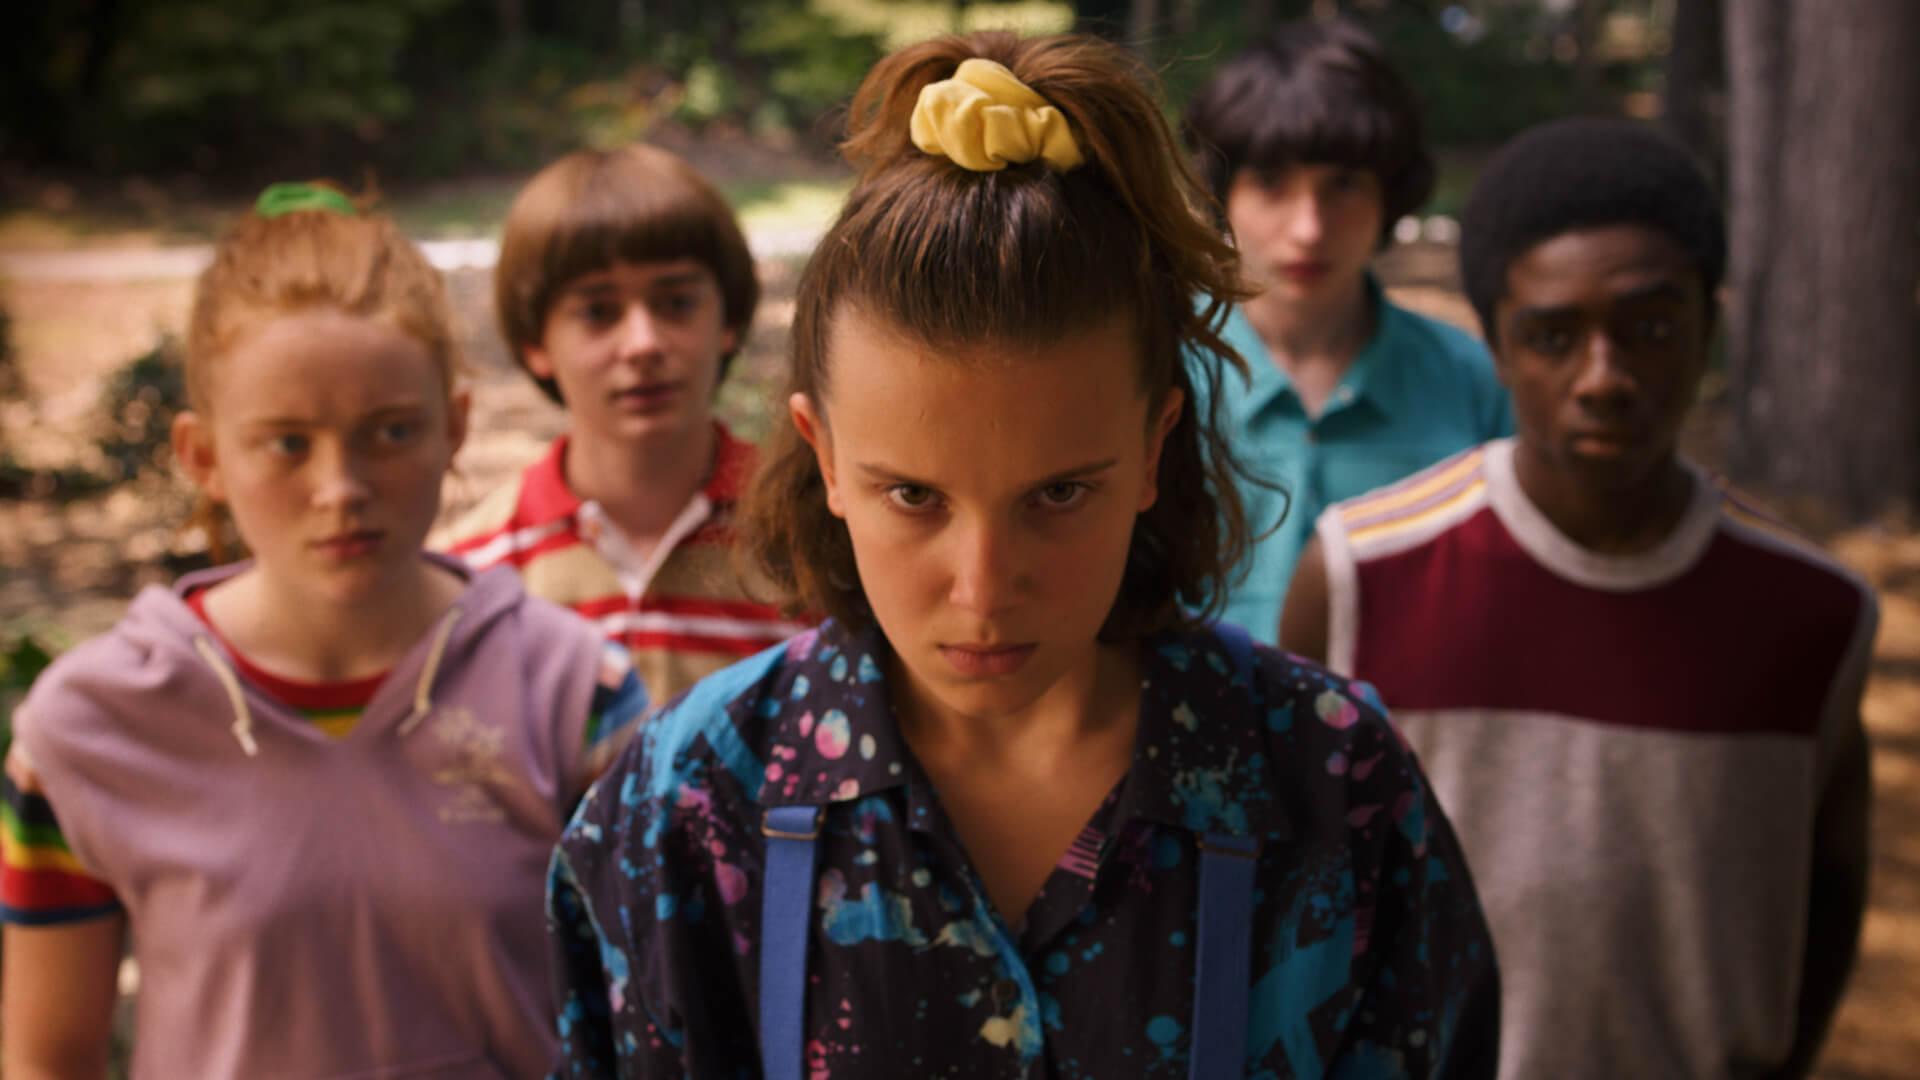 O último trailer da 4º temporada de Stranger Things foi divulgado pela Netflix e traz um olhar mais profundo sobre a história de Eleven.